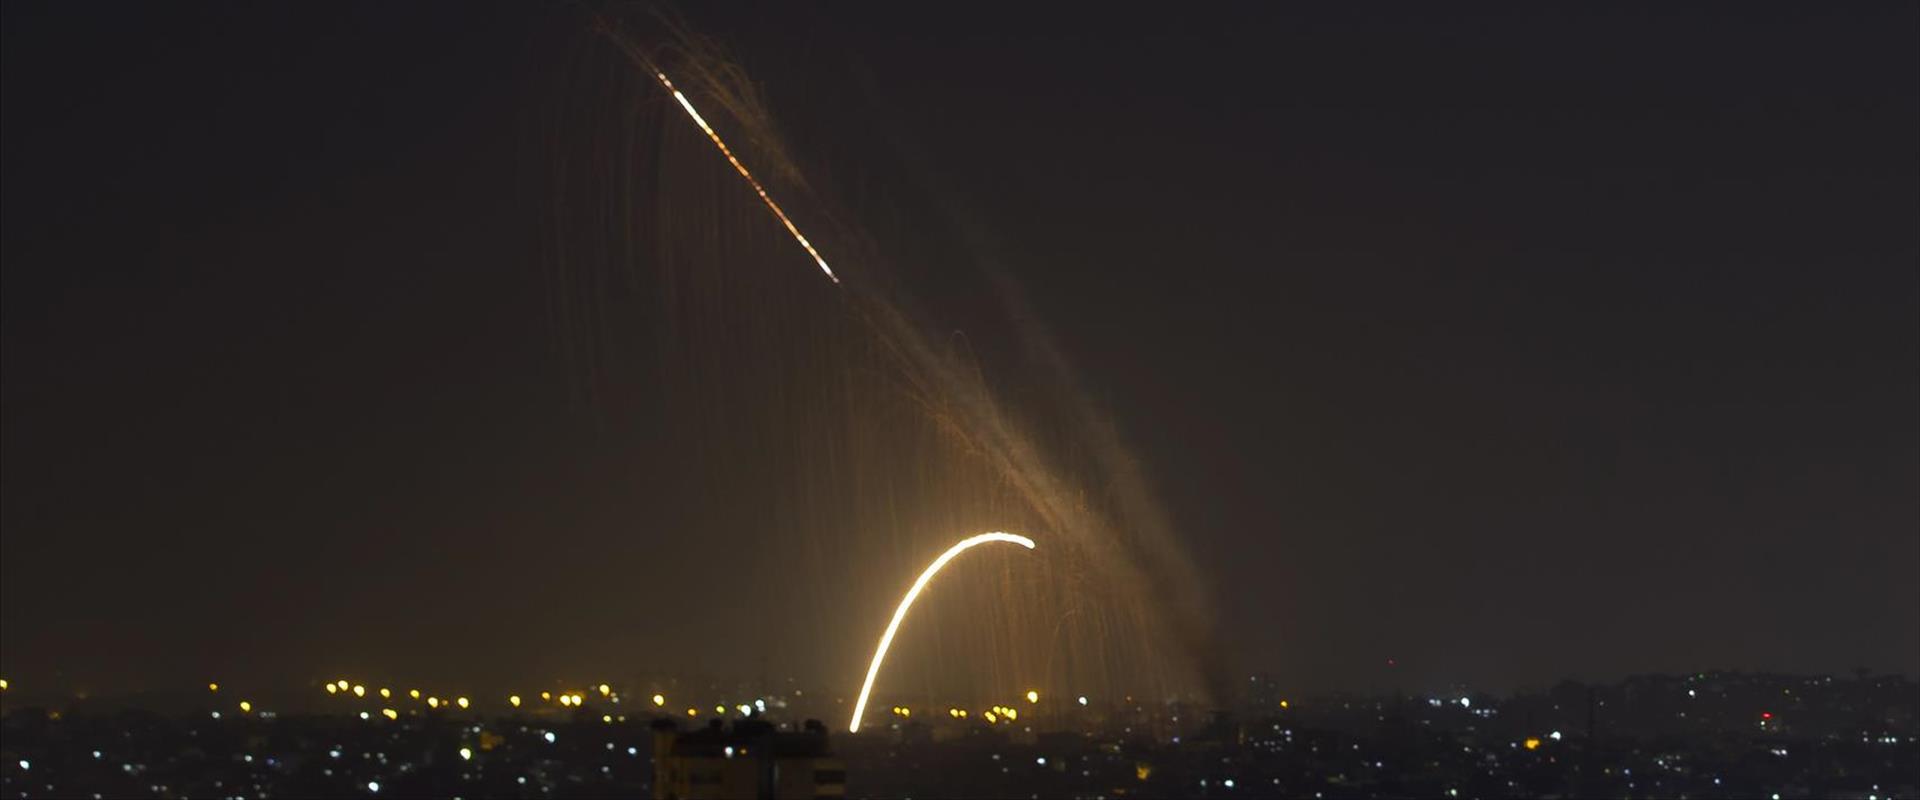 שיגור רקטות מרצועת עזה בנובמבר